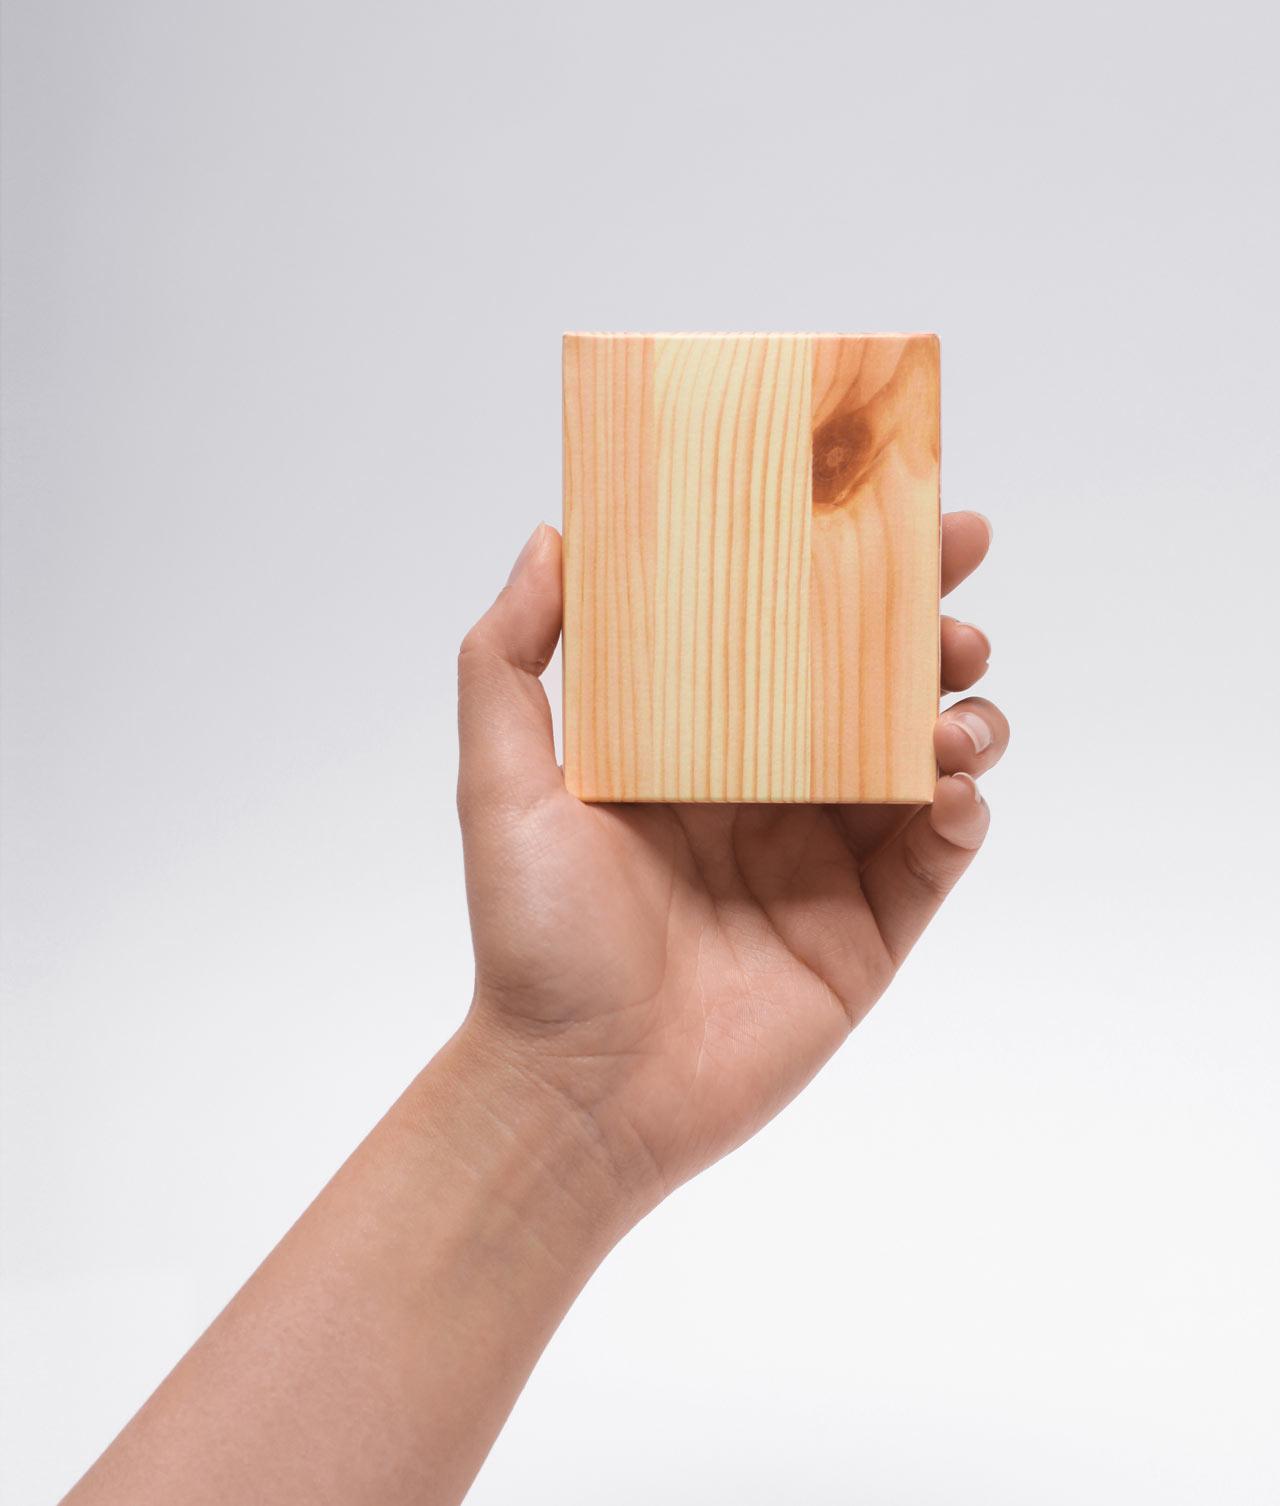 wood-block-memo-pad-appree-2